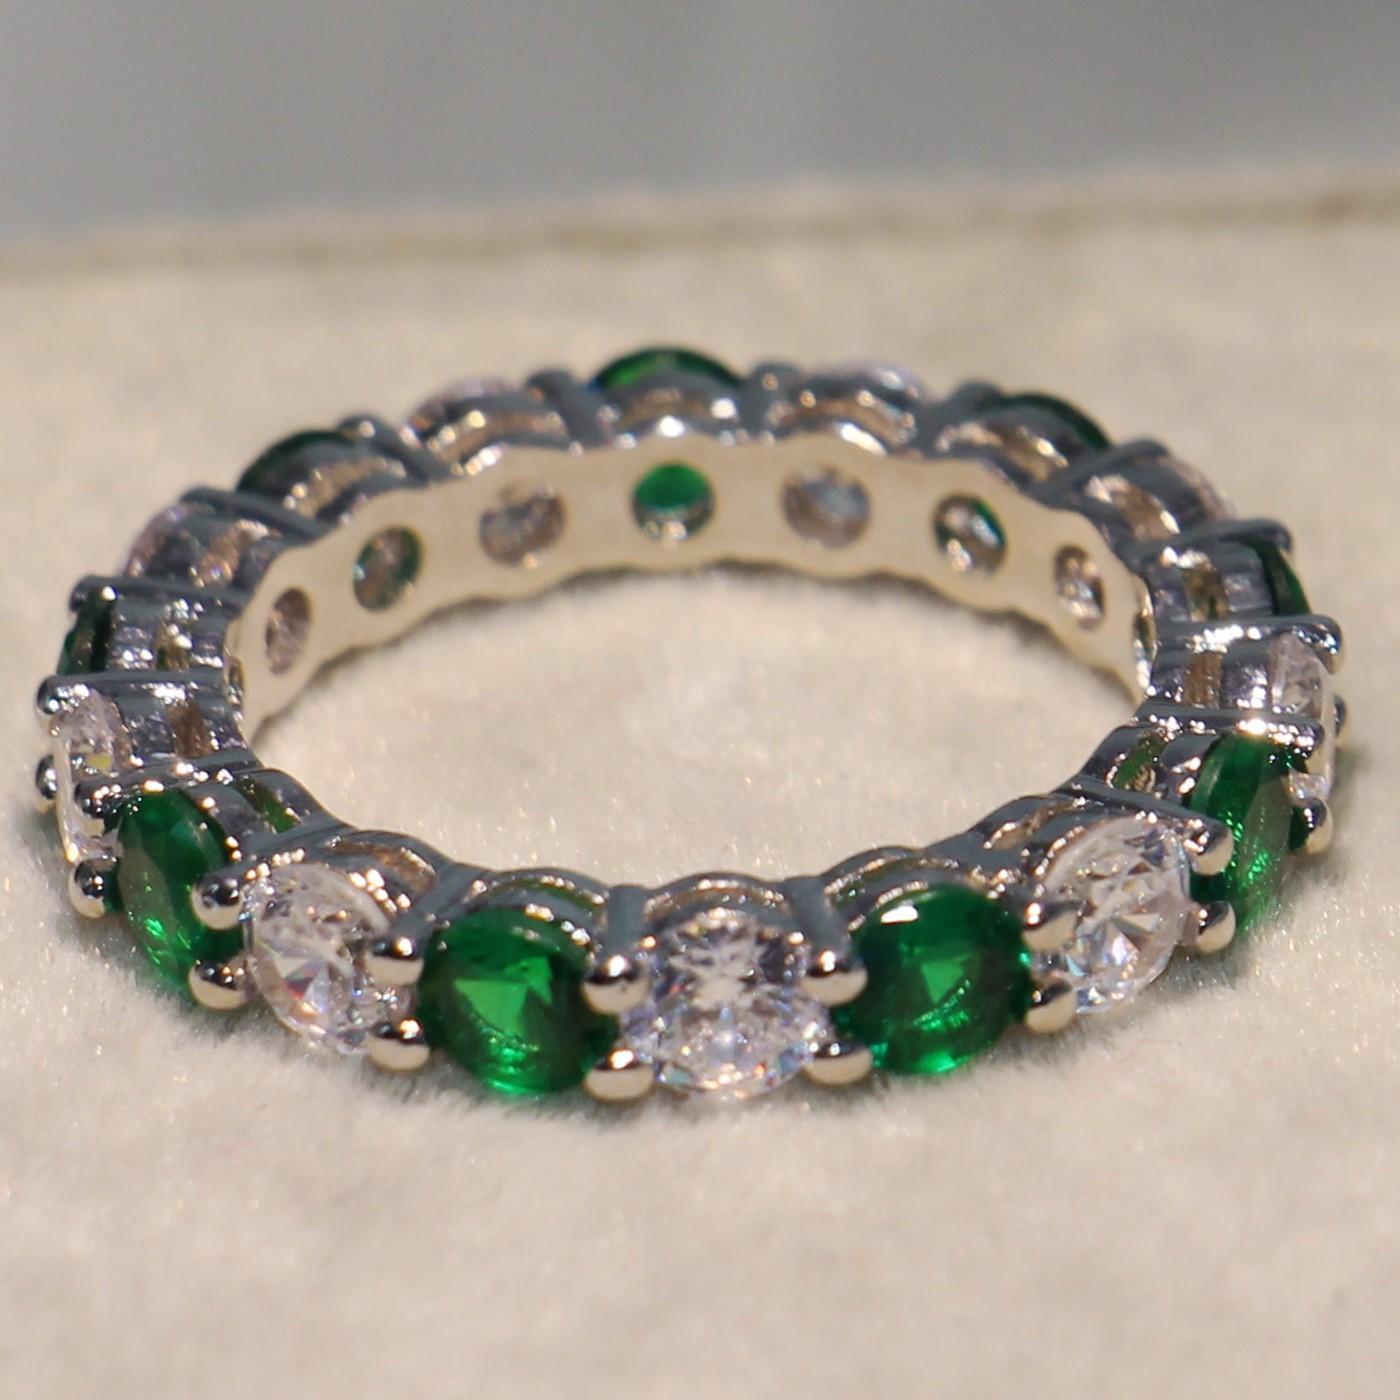 بالجملة، المجوهرات الفاخرة متألقة العلامة التجارية الجديدة 925 جولة الفضة قطع الزمرد زركونيا شعبي المرأة الزفاف الدائرة باند الطوق هدية CZ